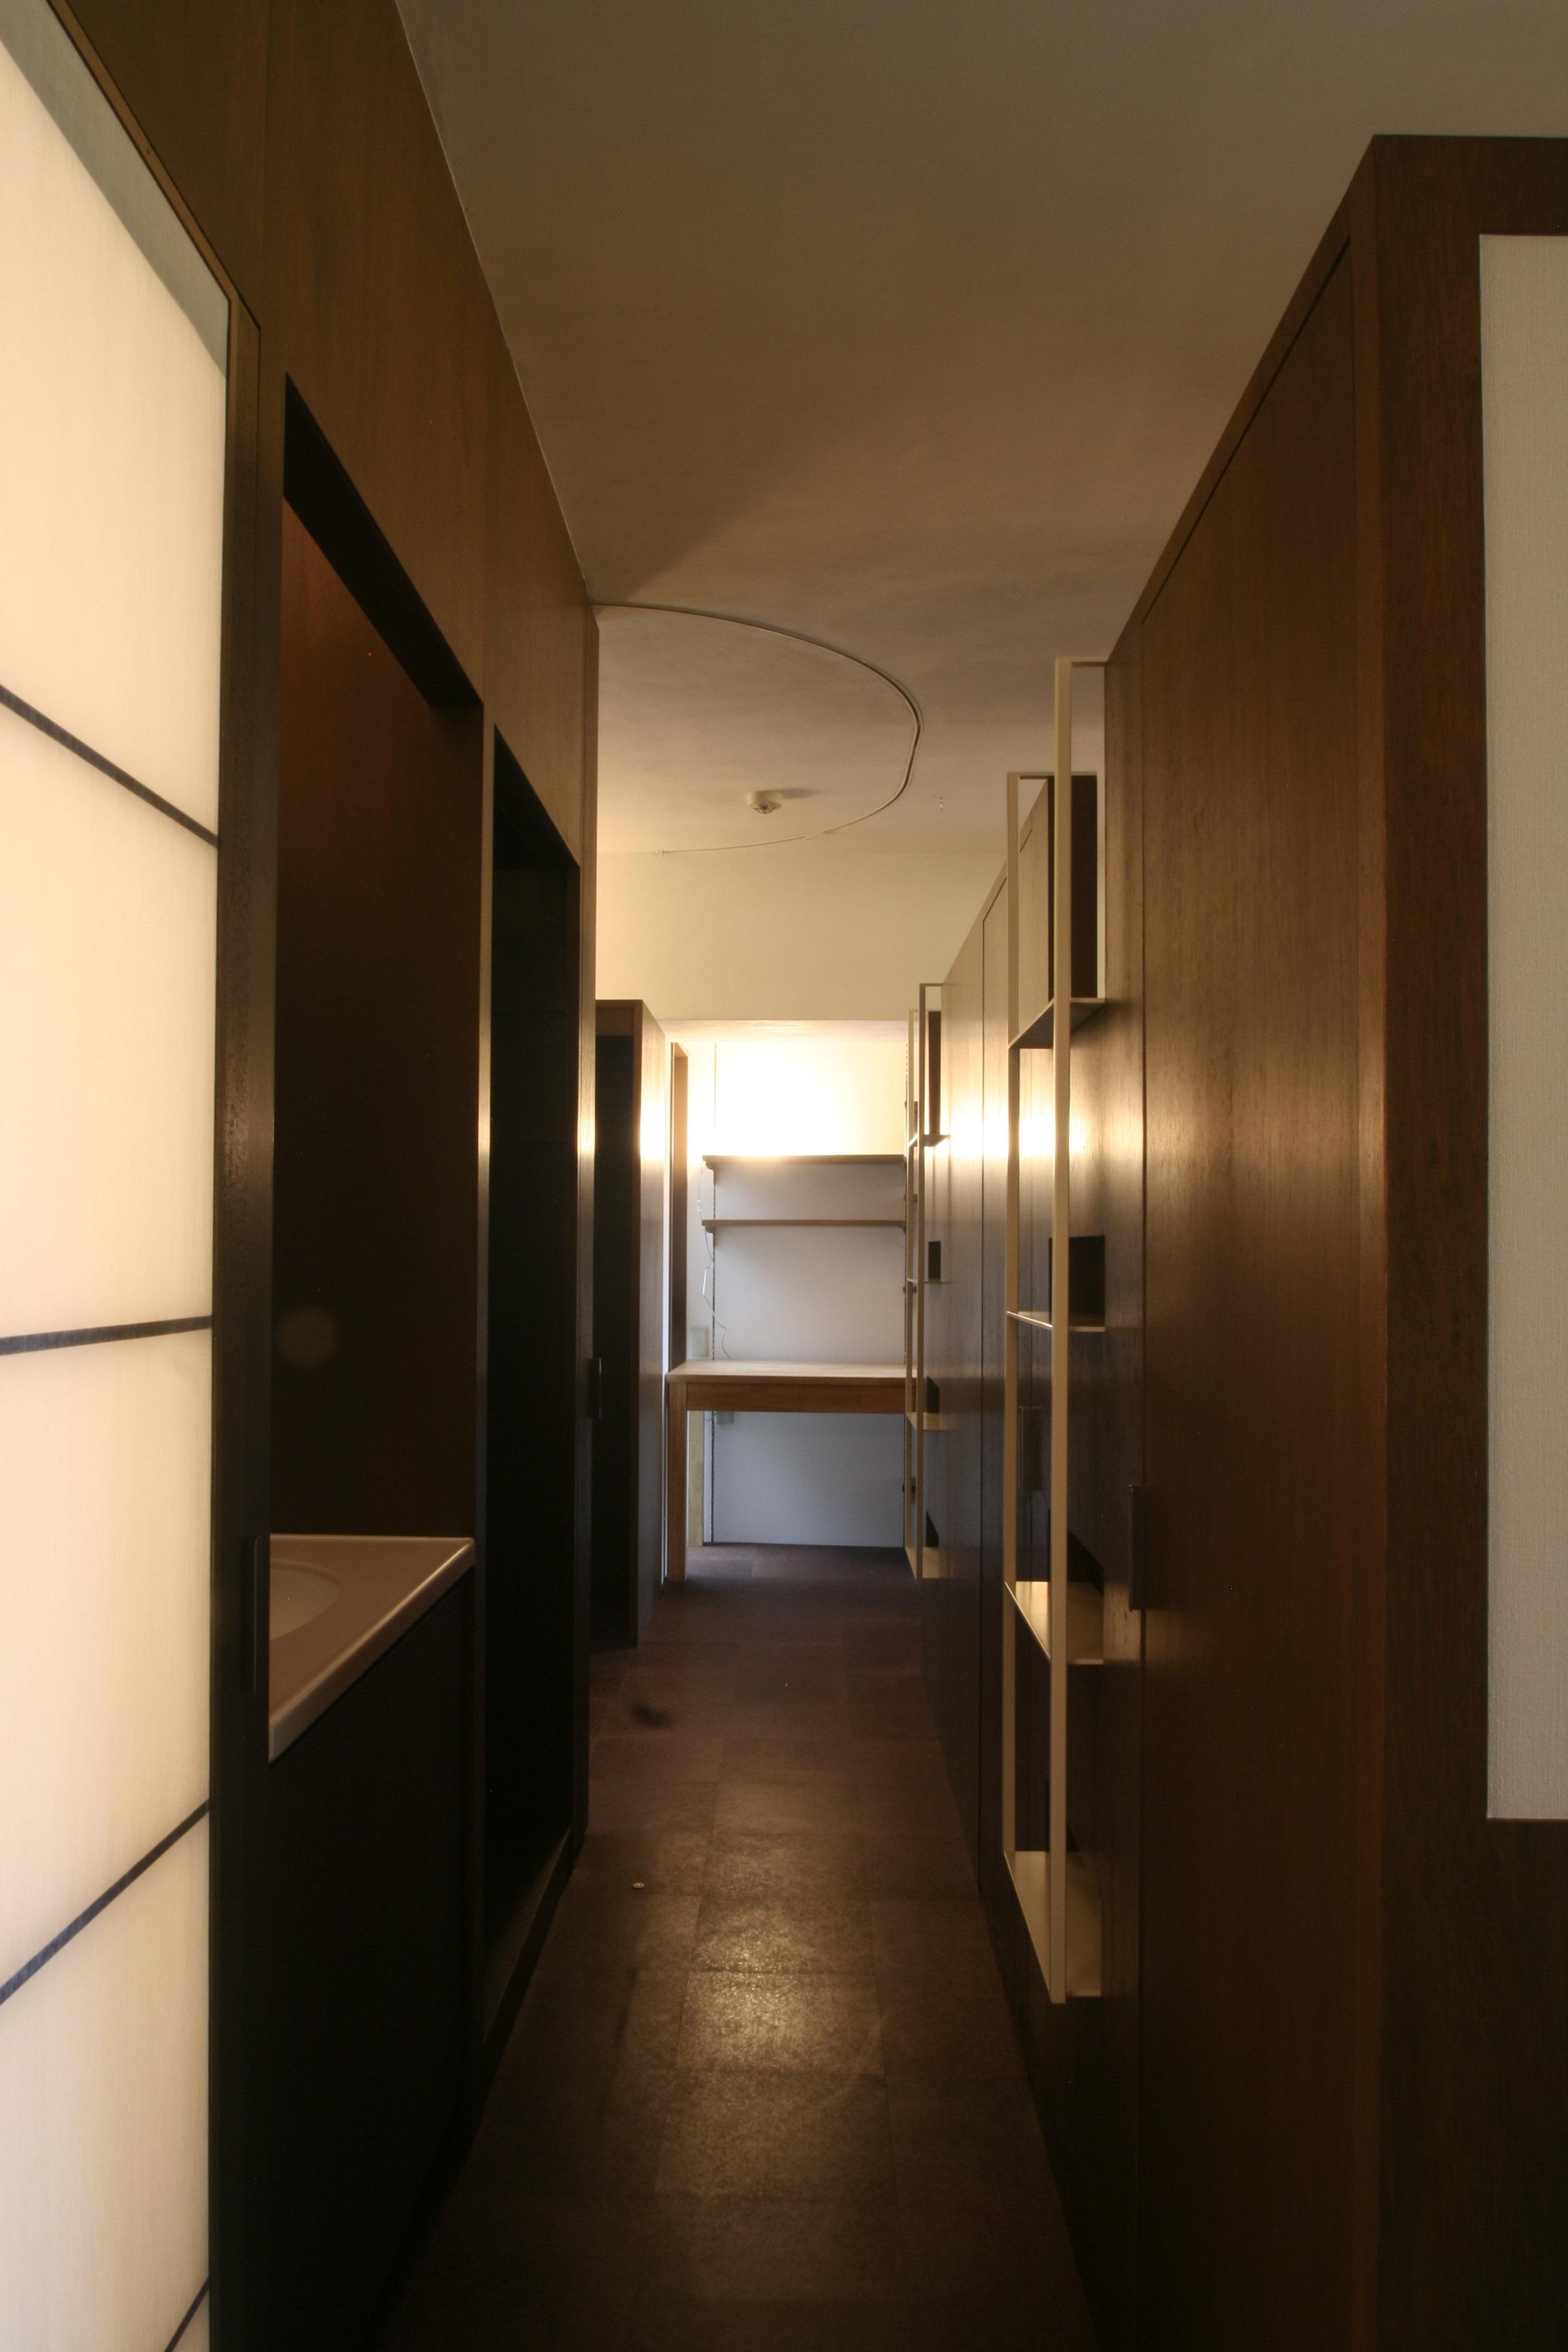 駒形-Mリフォームの部屋 洗面台のある廊下